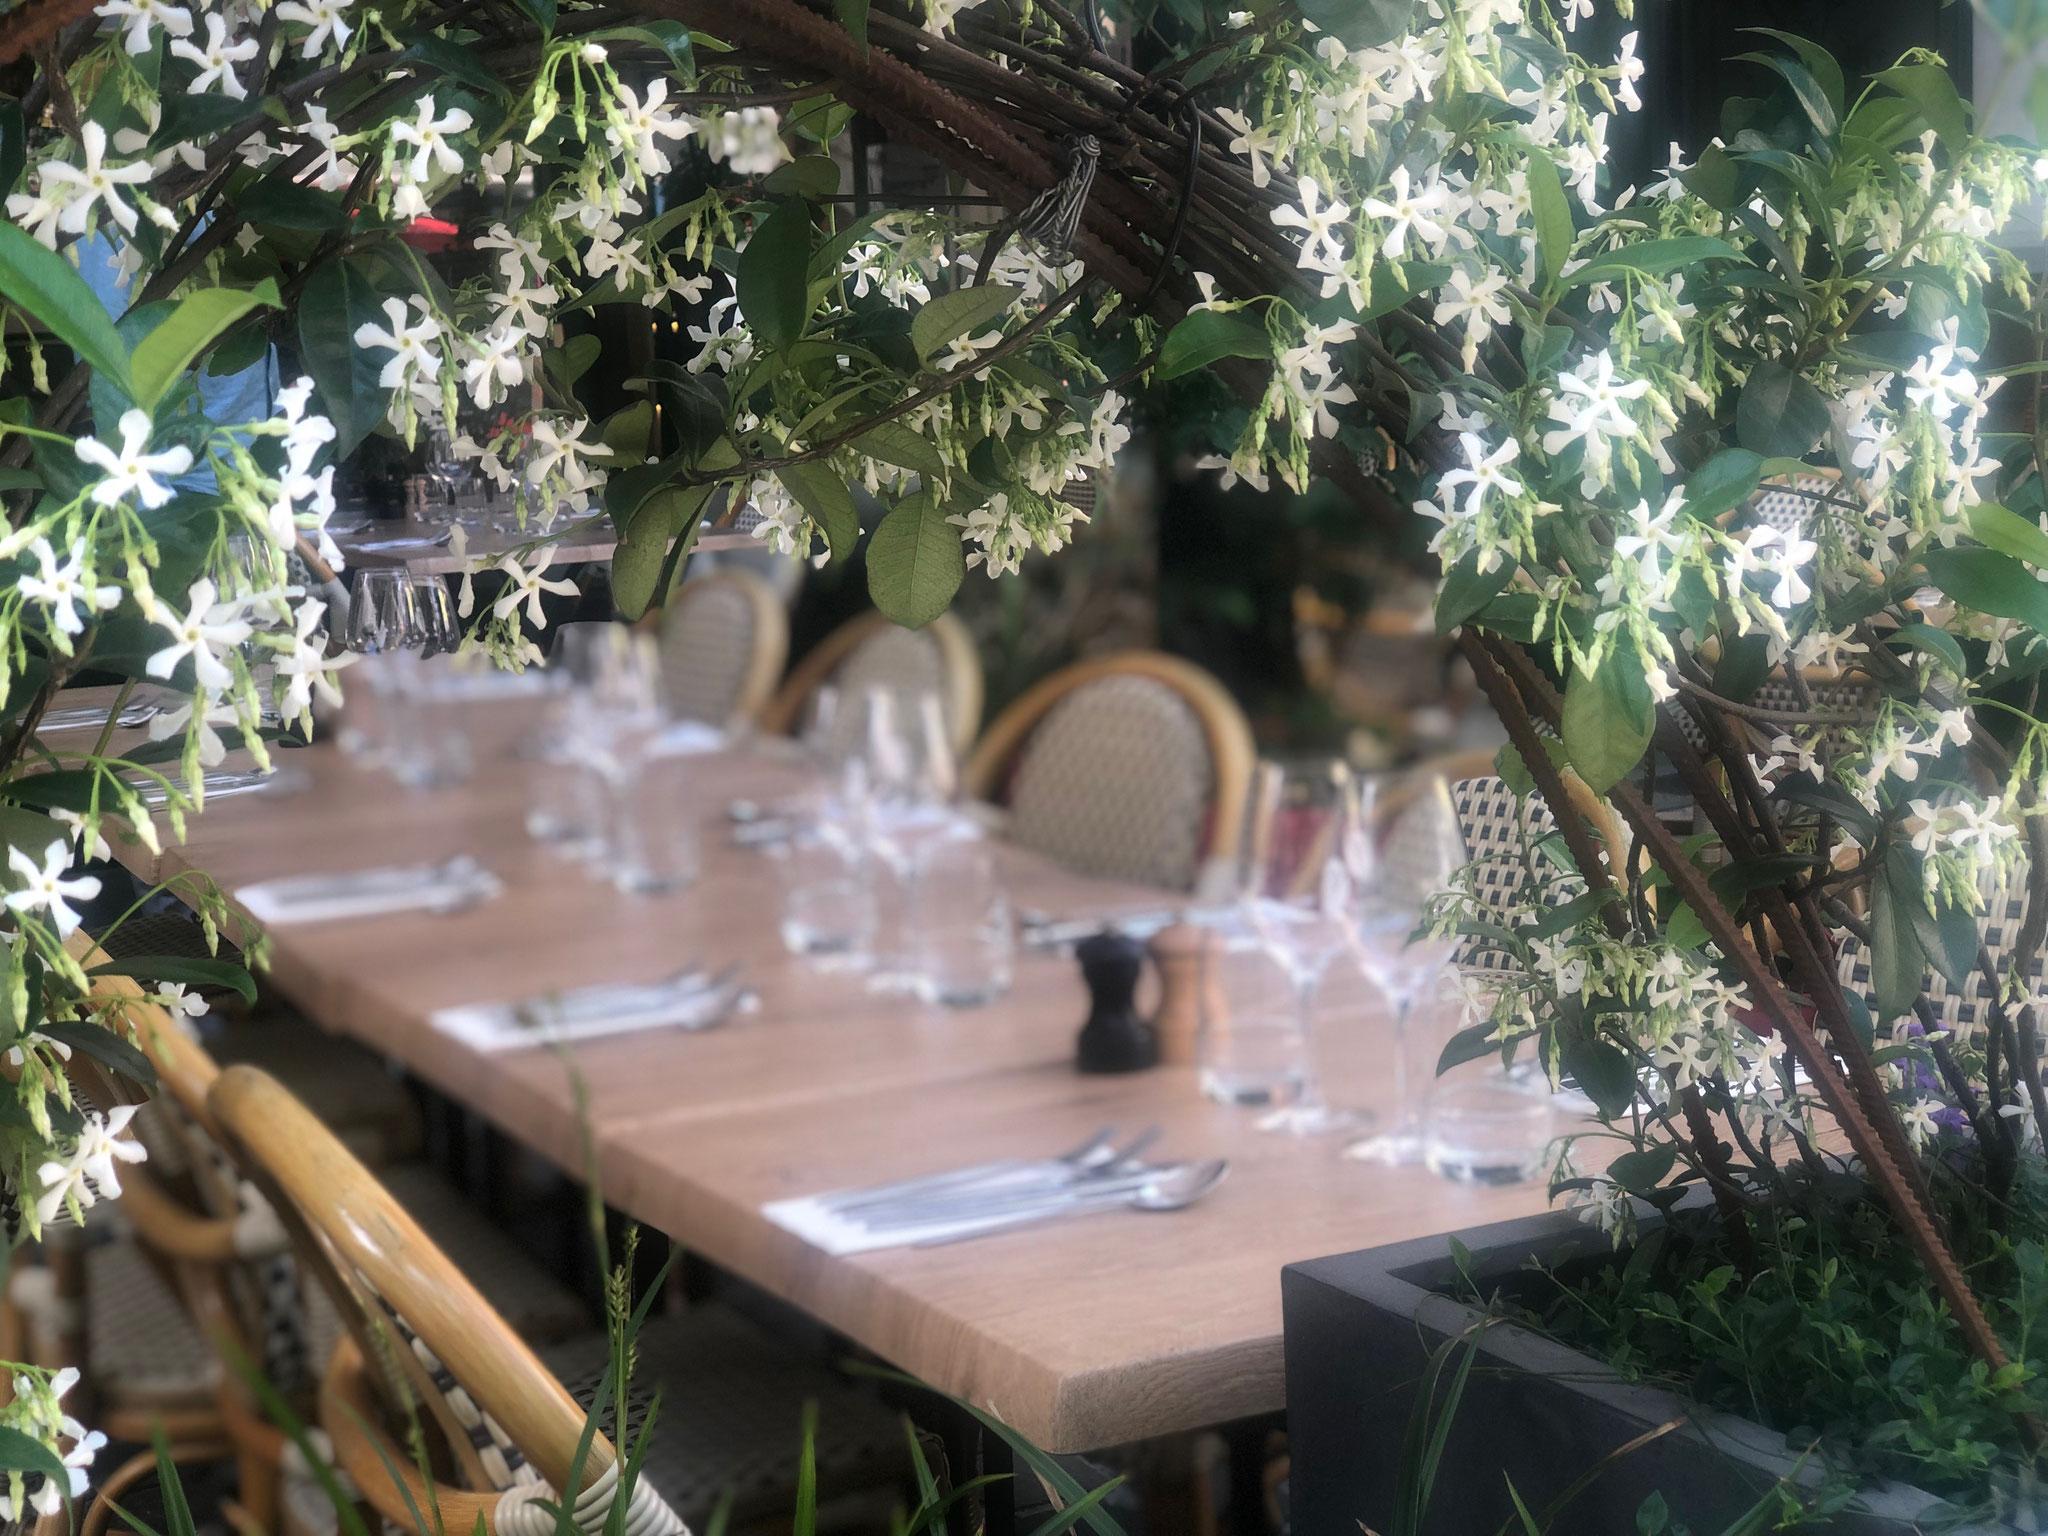 """Terrasse de 50m2 - Ambiance """"Sous-Bois"""" - Détails sur les tables mises en place depuis les bacs de clôture. Aménagement jardin Bruxelles"""